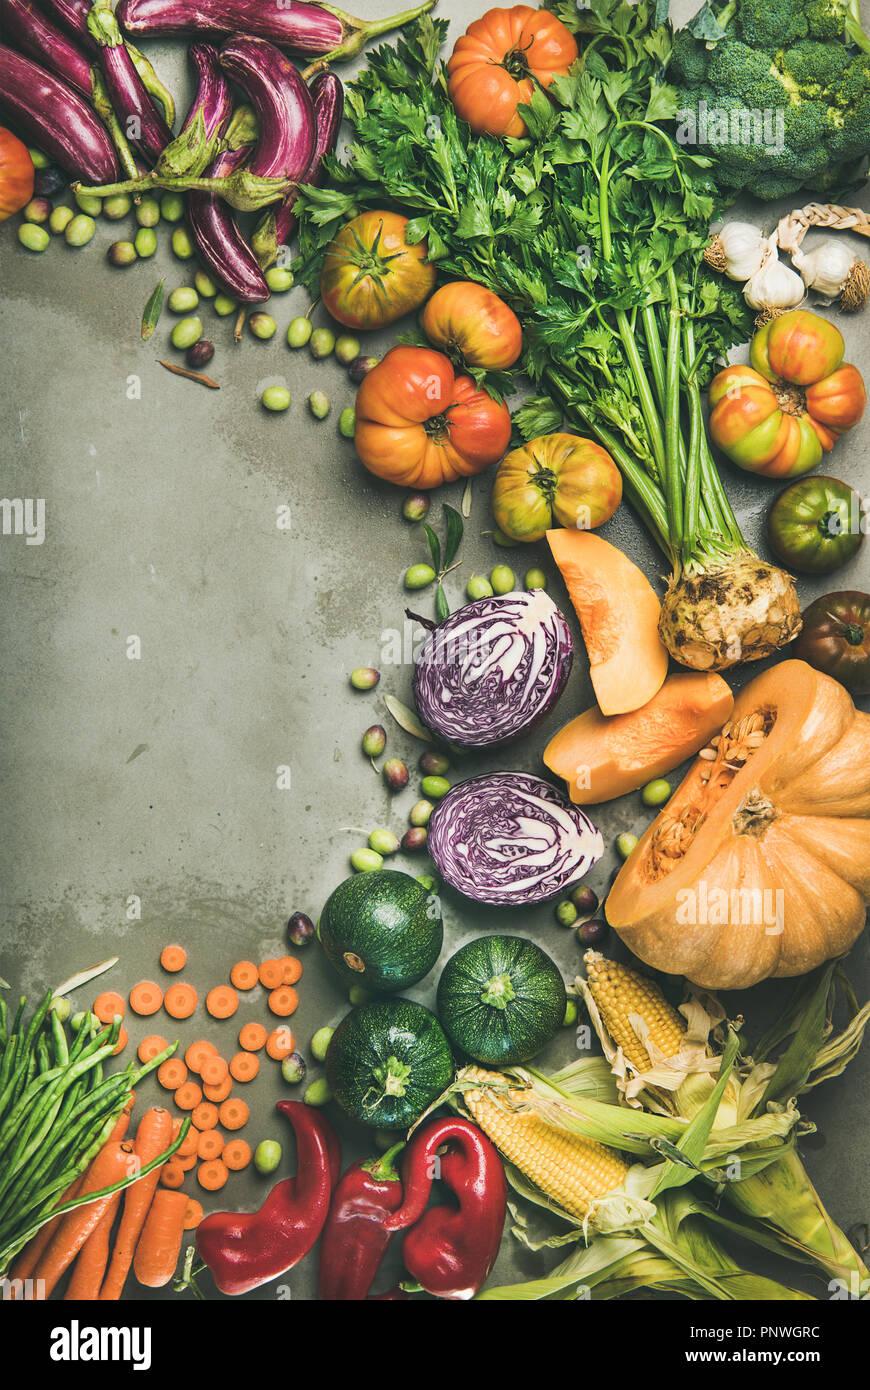 Gesunde vegetarische saisonale Fallen Essen kochen Hintergrund Kopie Raum Stockbild